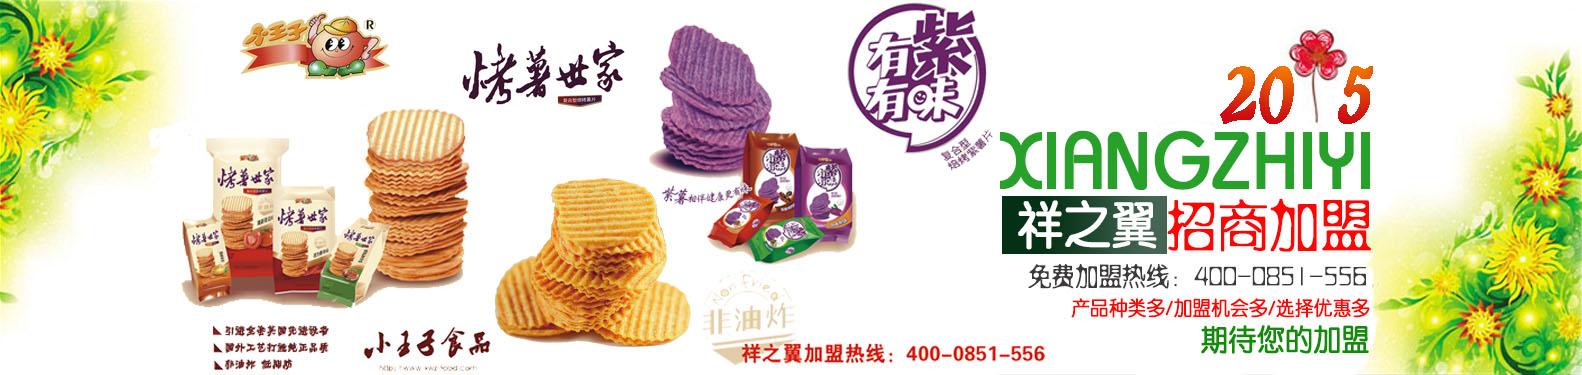 贵州休闲食品加盟